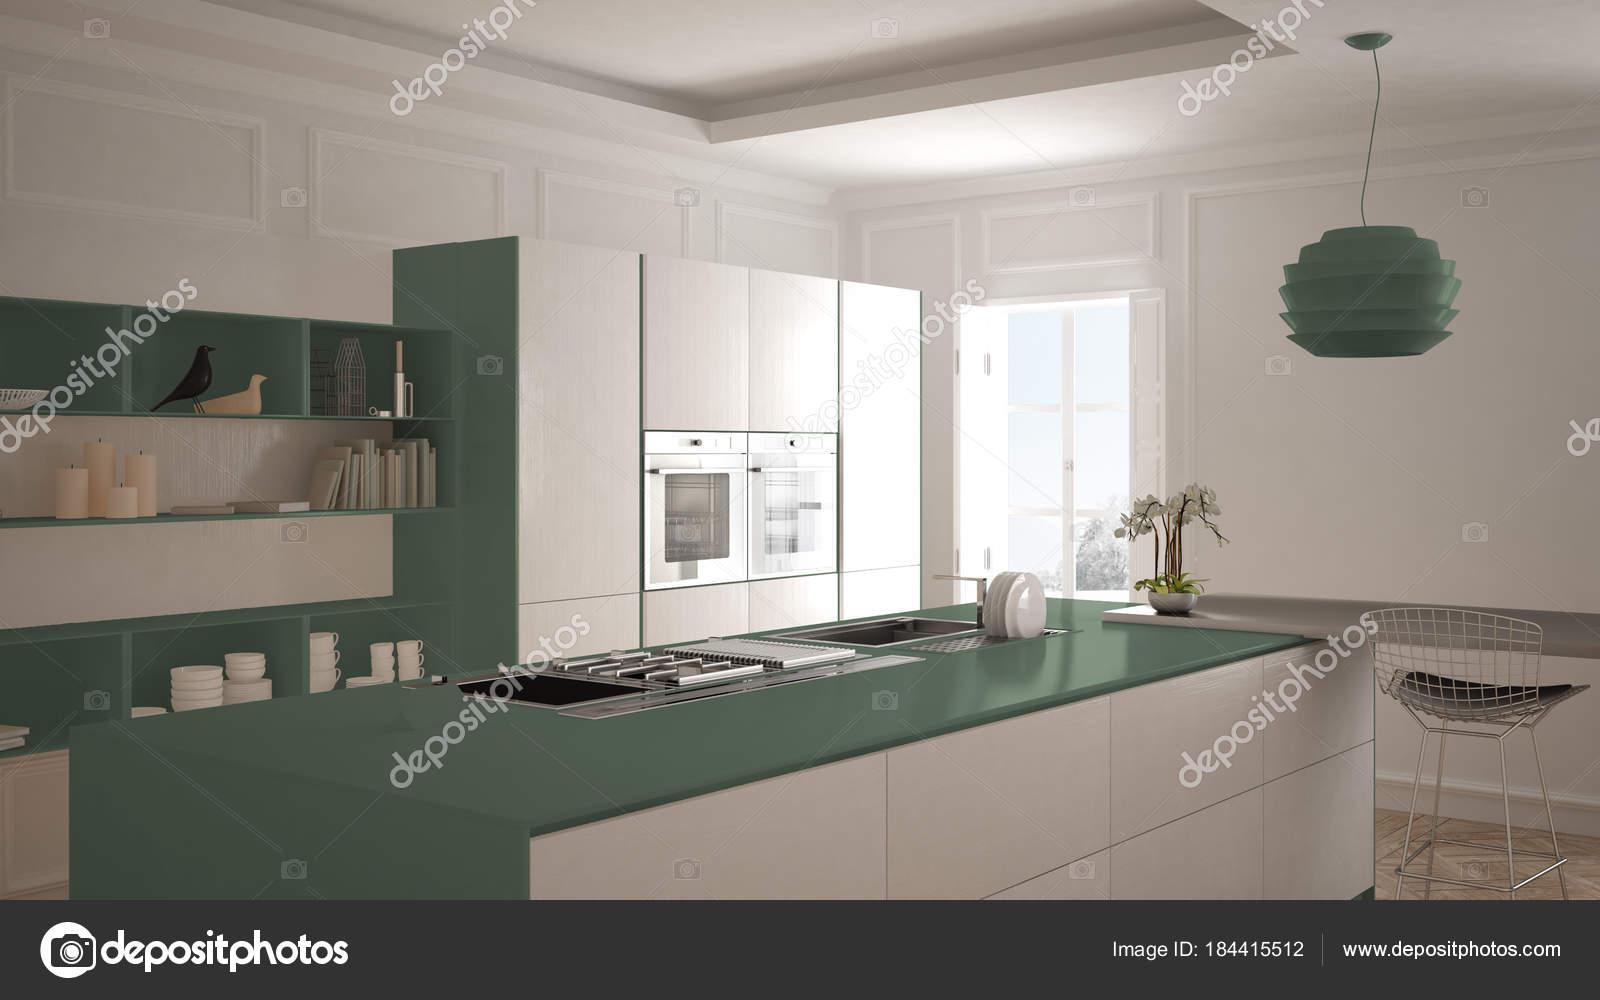 Cocina moderna en el interior clásico, isla con taburetes y dos ...